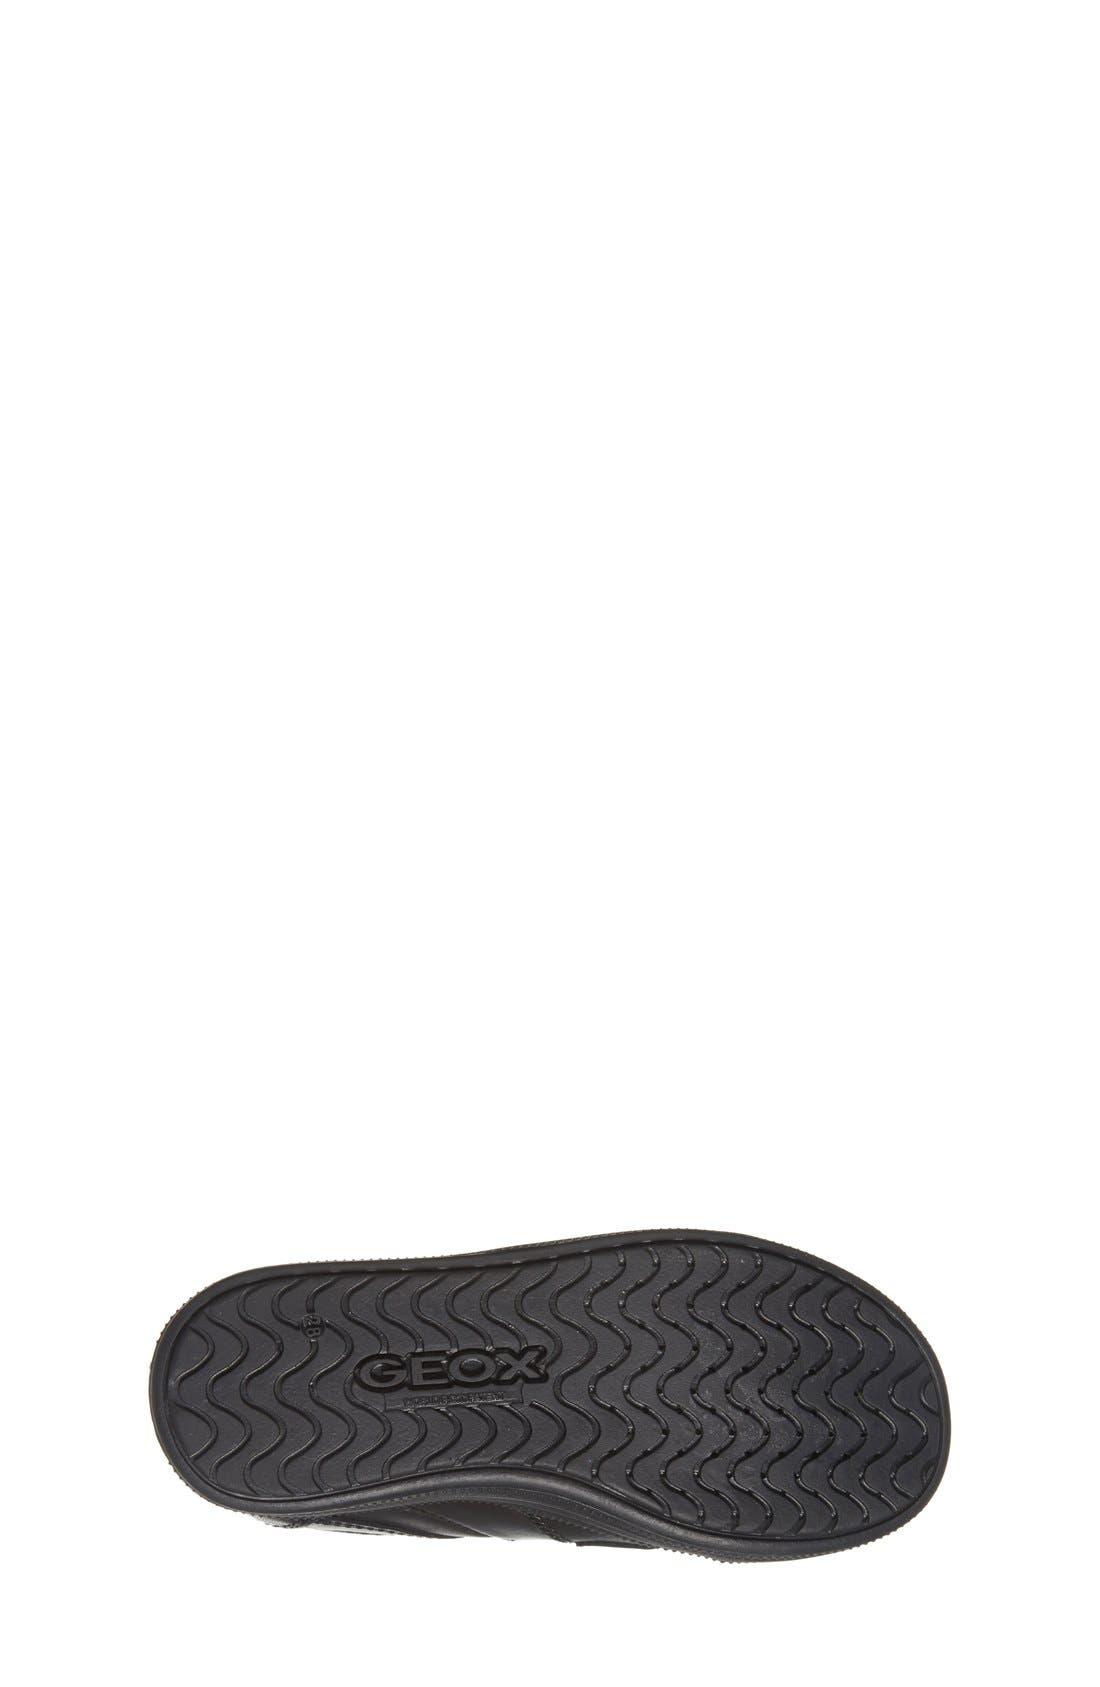 GEOX,                             Elvis 25 Sneaker,                             Alternate thumbnail 2, color,                             BLACK